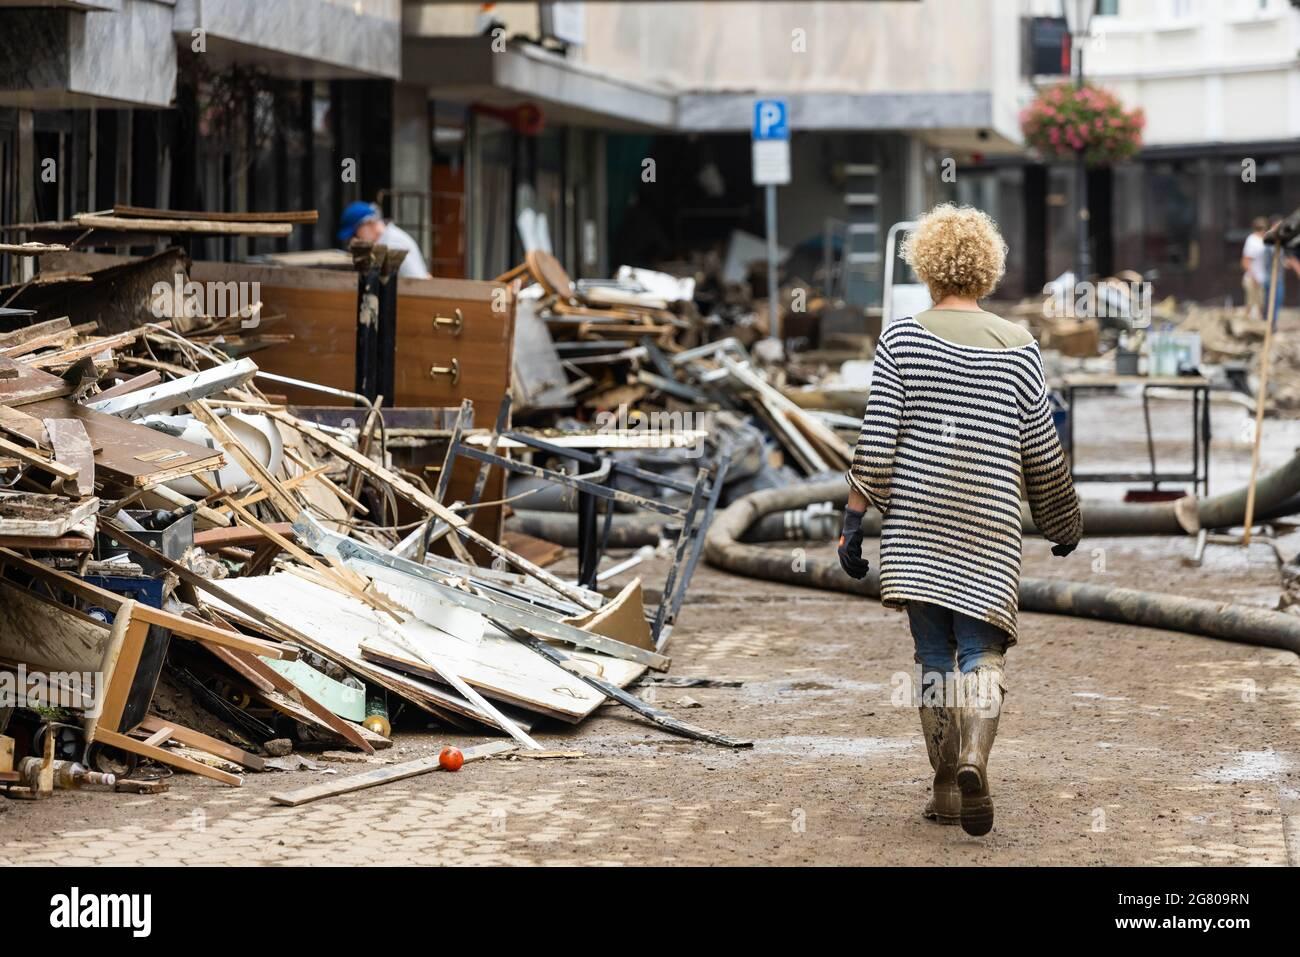 Bad Neuenahr, Alemania. 16th de julio de 2021. Una mujer sucia de barro camina por un montón de escombros. Objetos de una casa. Las lluvias masivas han causado inundaciones en Bad Neuenahr, Renania-Palatinado, así como en todo el distrito de Ahrweiler. Crédito: Philipp von Ditfurth/dpa/Alamy Live News Foto de stock